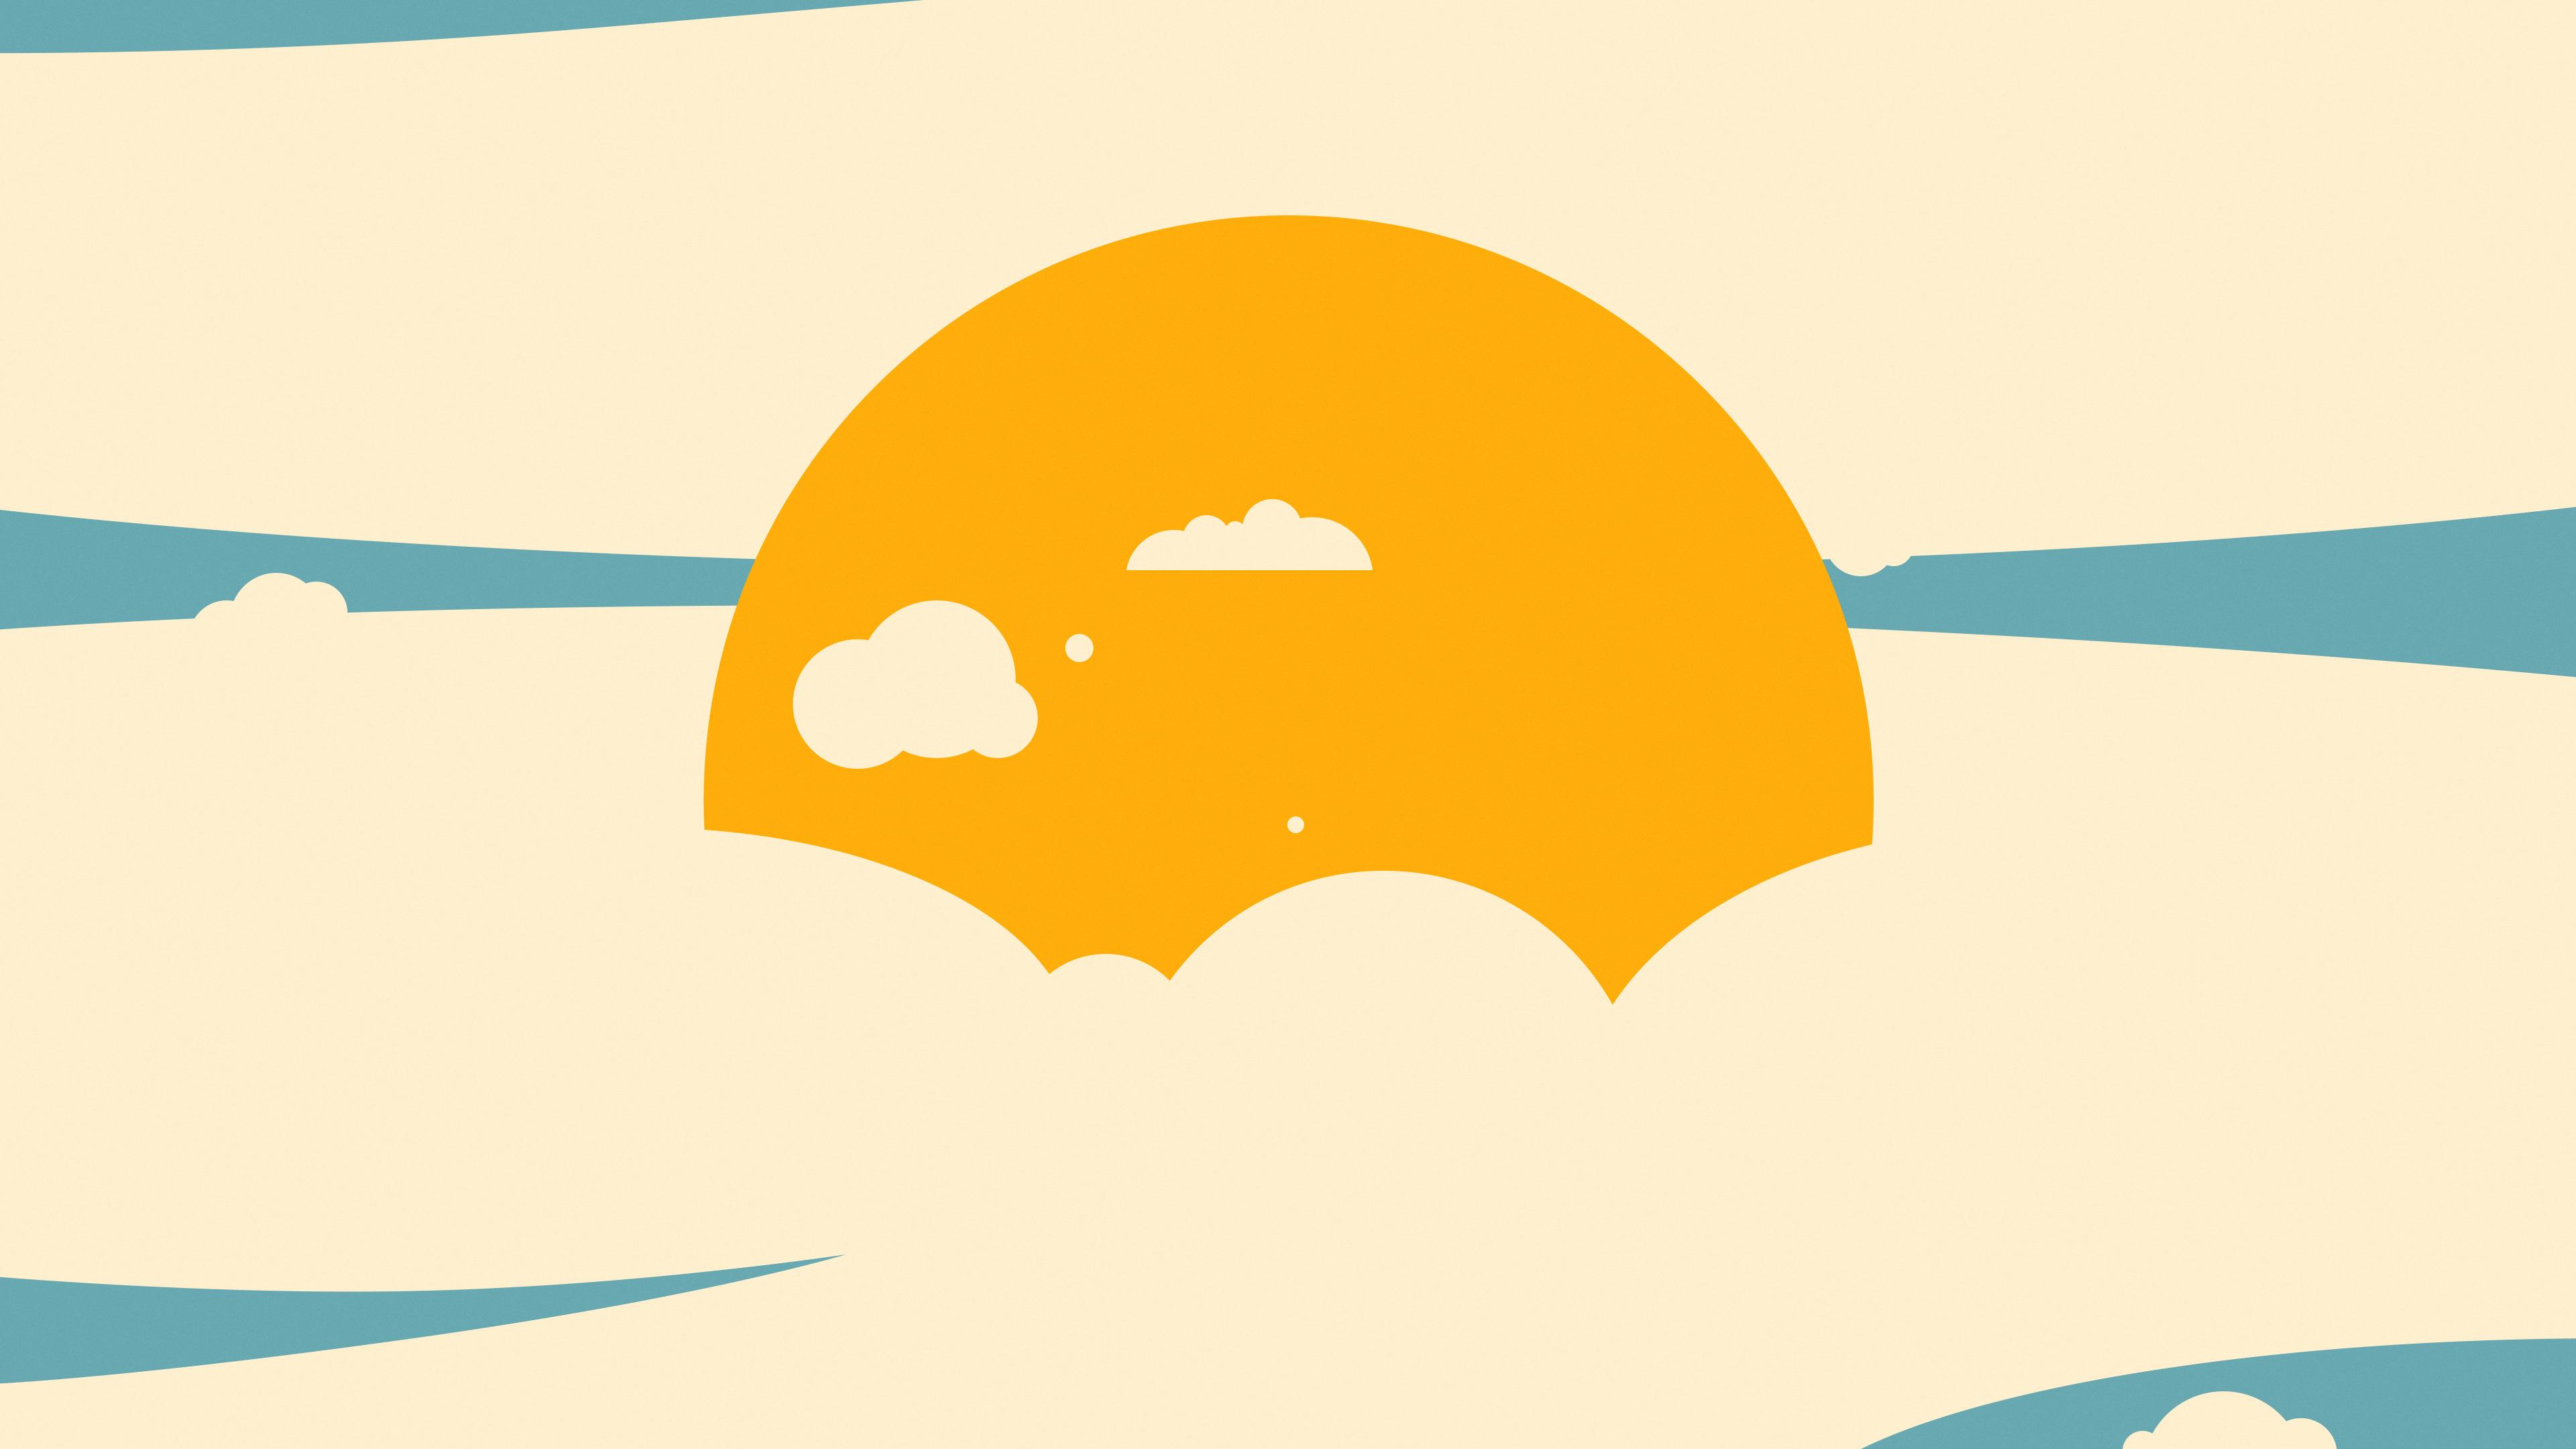 sun in clouds minimalism 4k 1540754981 - Sun In Clouds Minimalism 4k - sun wallpapers, minimalism wallpapers, hd-wallpapers, digital art wallpapers, deviantart wallpapers, clouds wallpapers, artwork wallpapers, artist wallpapers, 4k-wallpapers